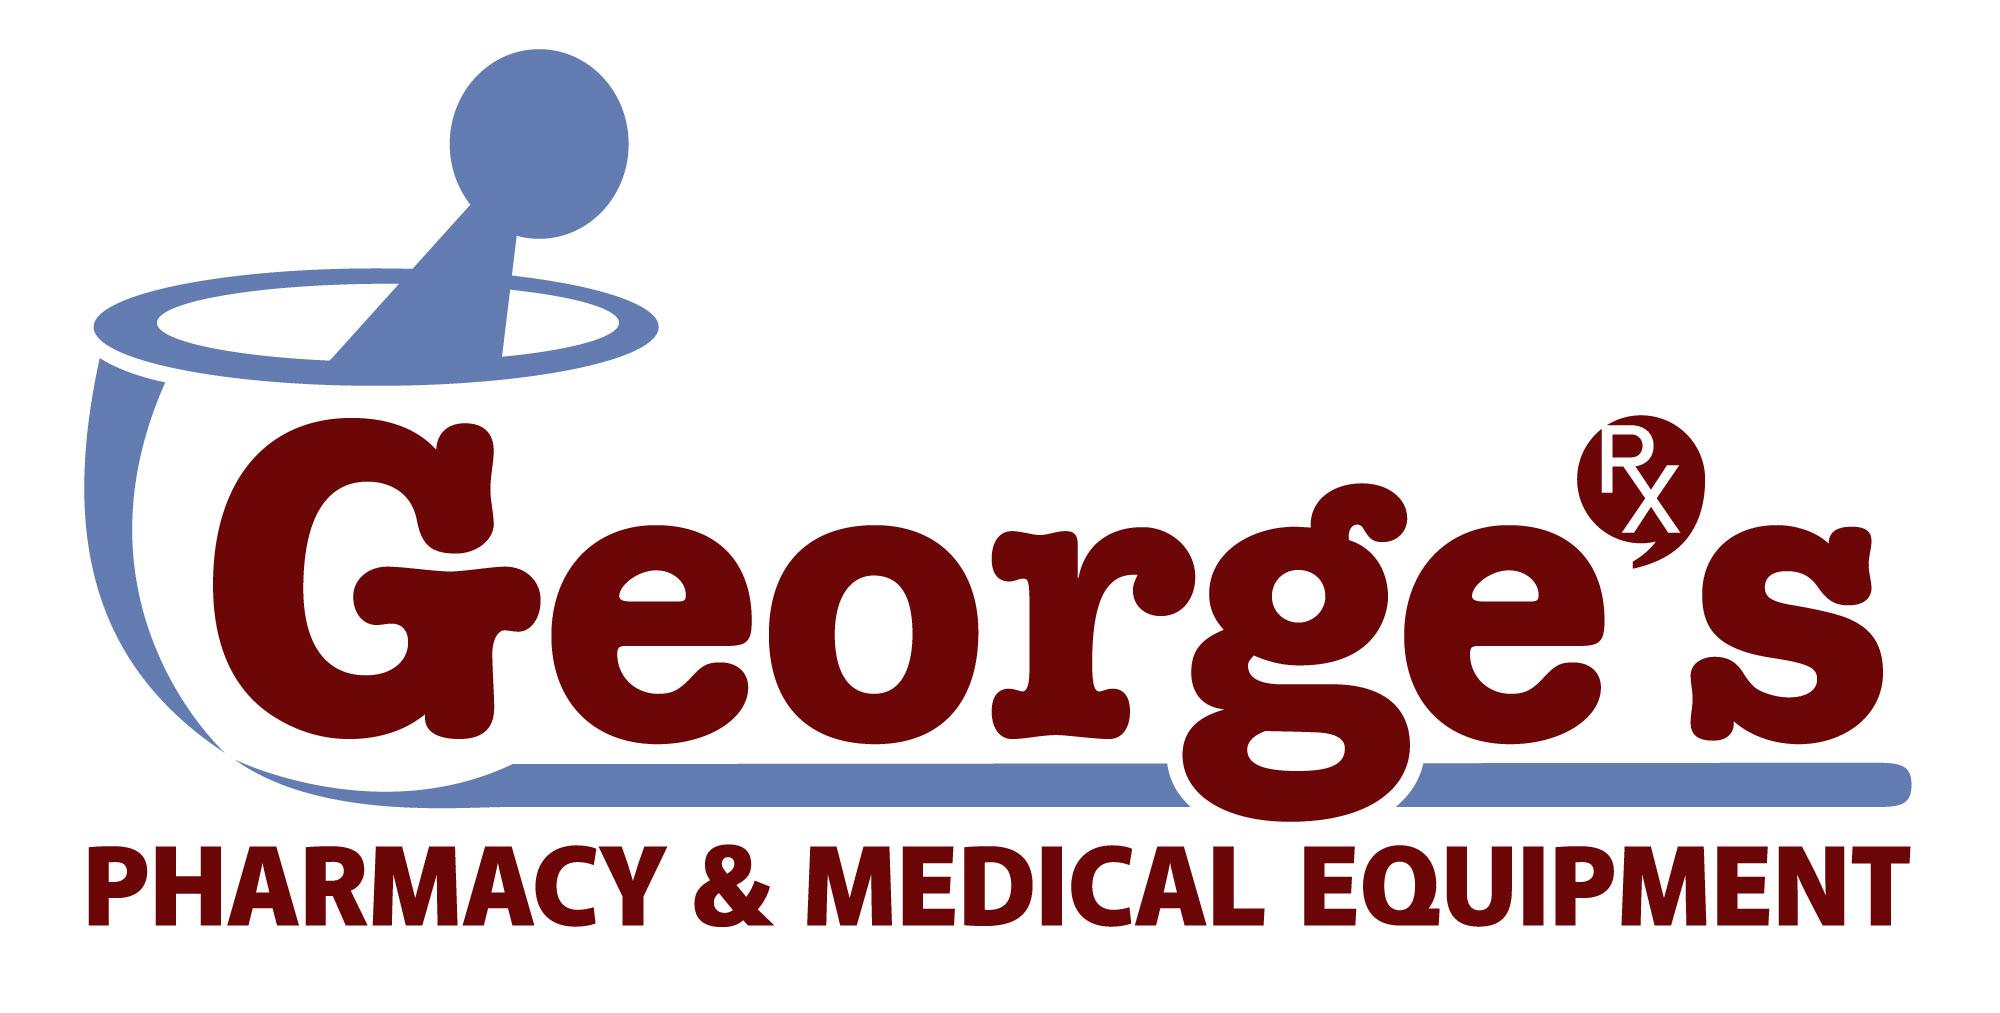 George's Pharmacy